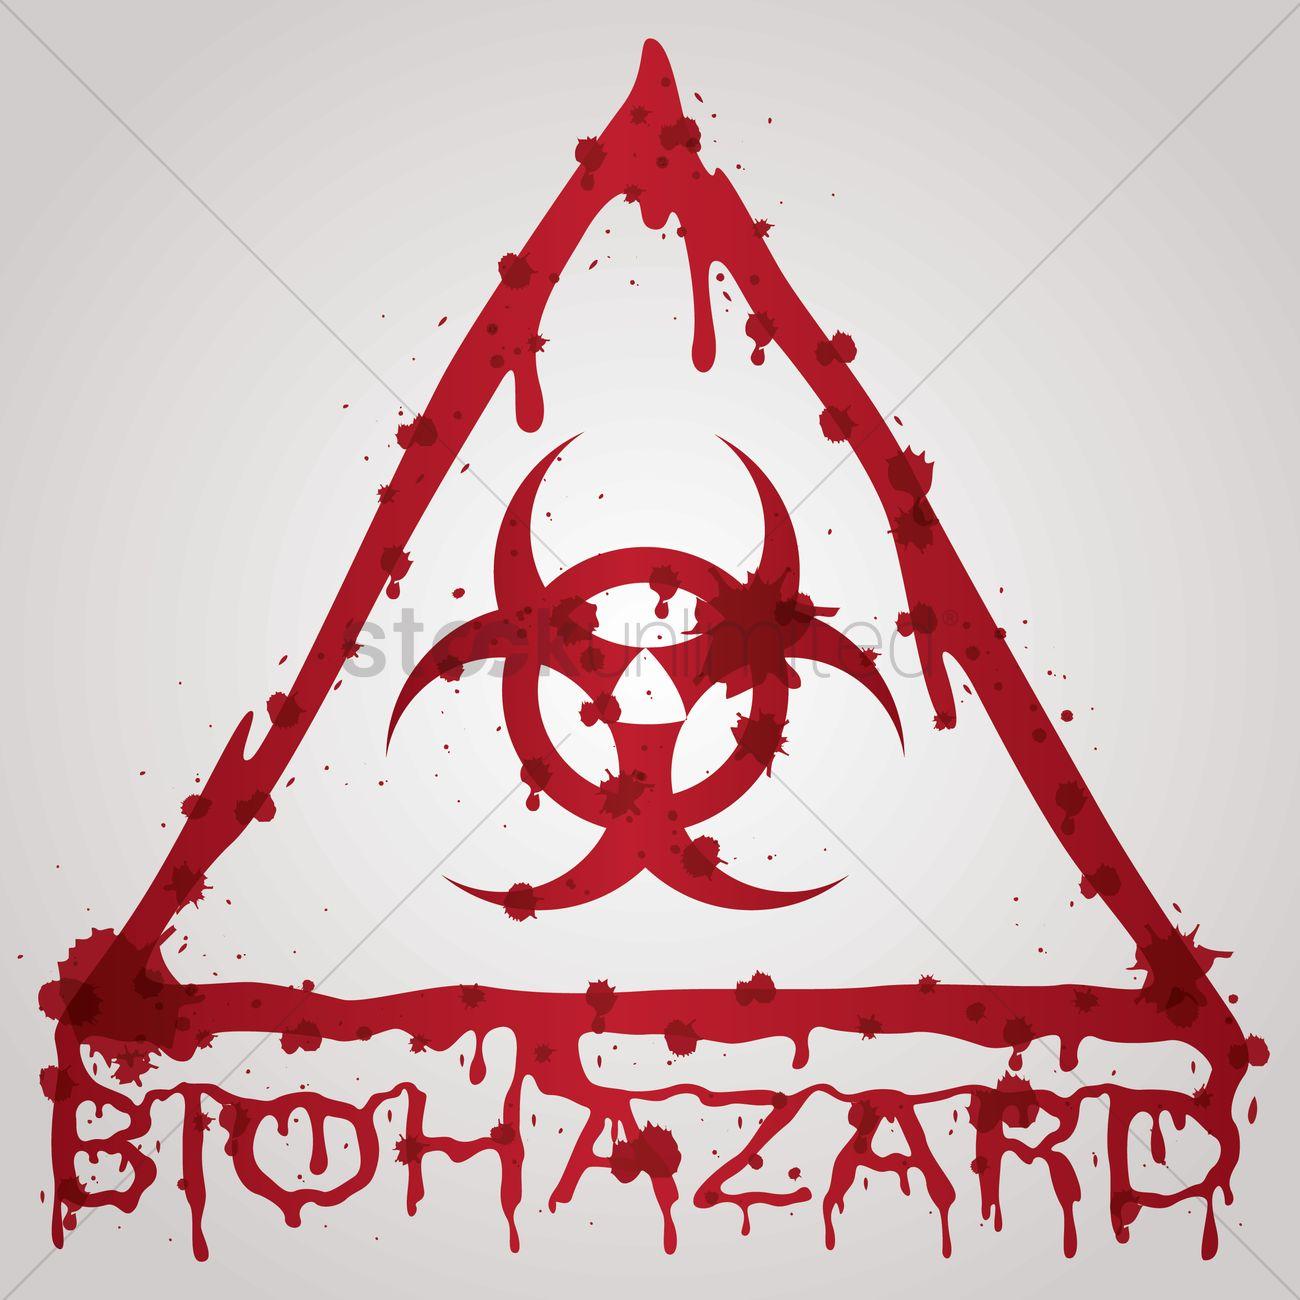 1300x1300 Bloody Biohazard Sign Vector Image